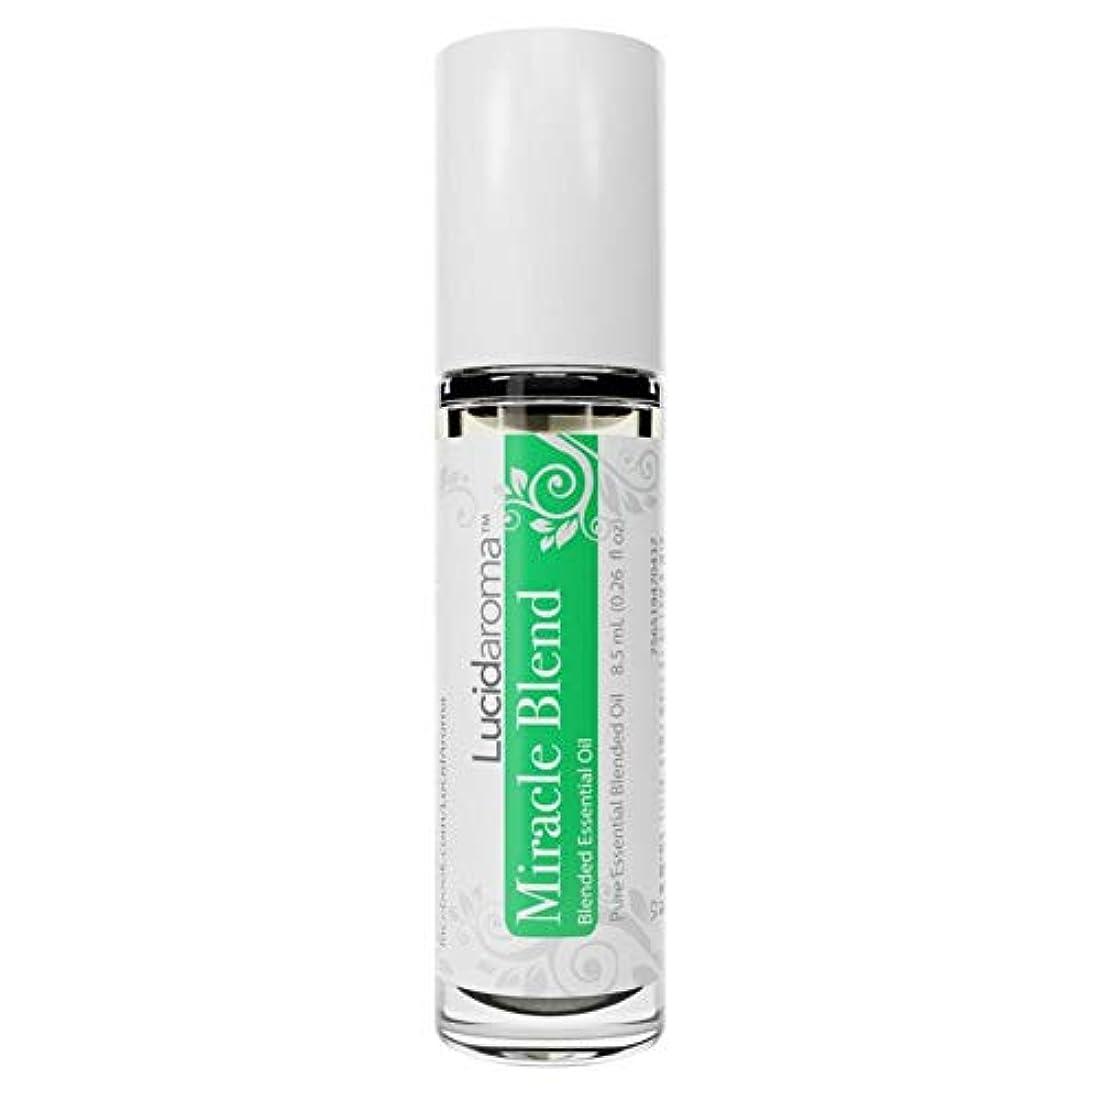 嫌がらせカタログ真空Lucid Aroma Miracle Blend ミラクル ブレンド ロールオン アロマオイル 8.5mL (塗るアロマ) 100%天然 携帯便利 ピュア エッセンシャル アメリカ製